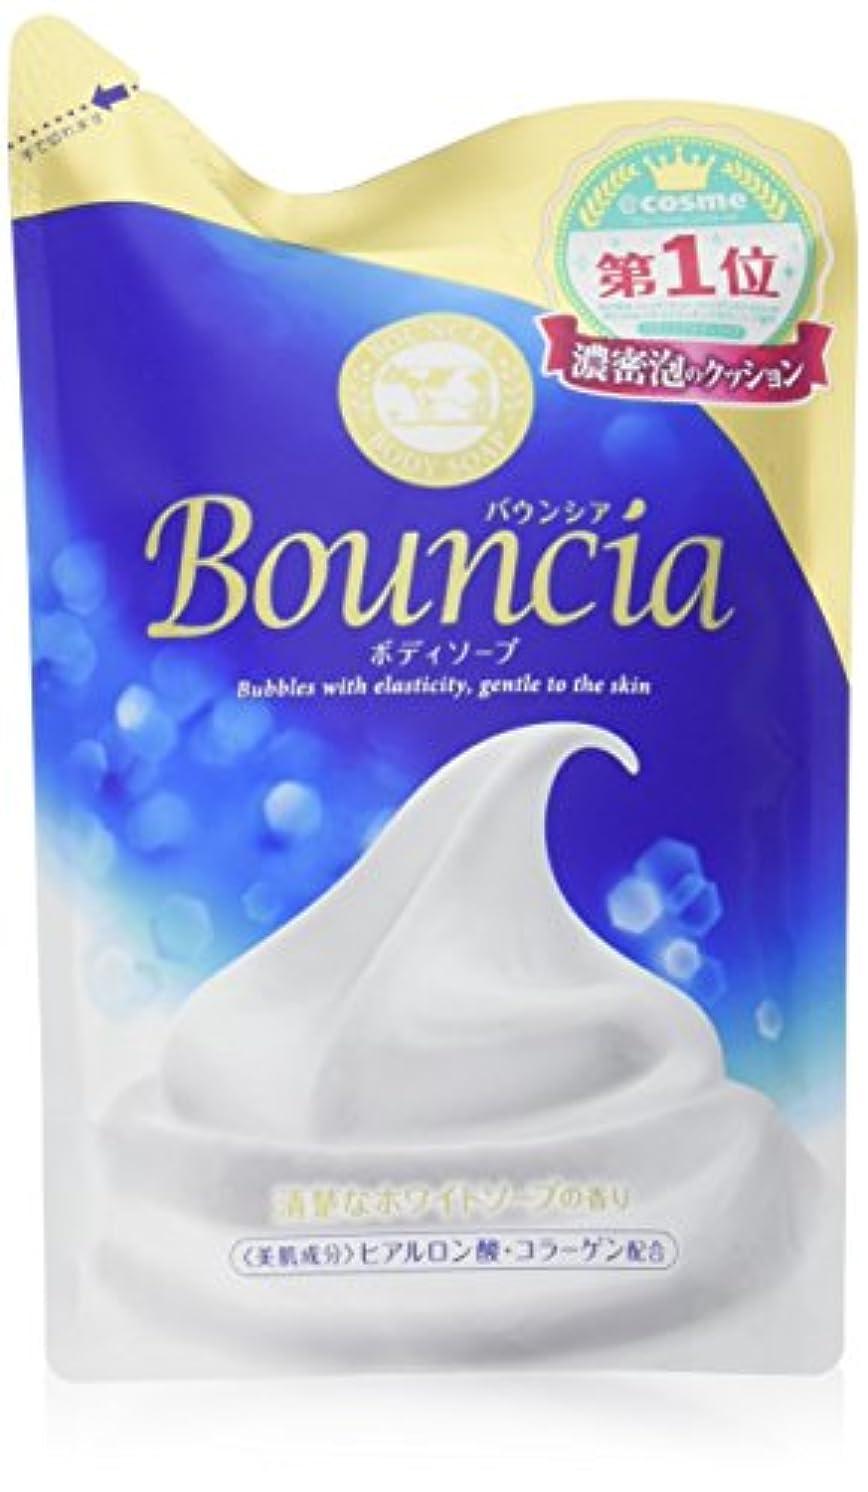 でも貧しいソース牛乳石鹸 バウンシア ボディソープ 詰め替え用 430ml 【4個セット】